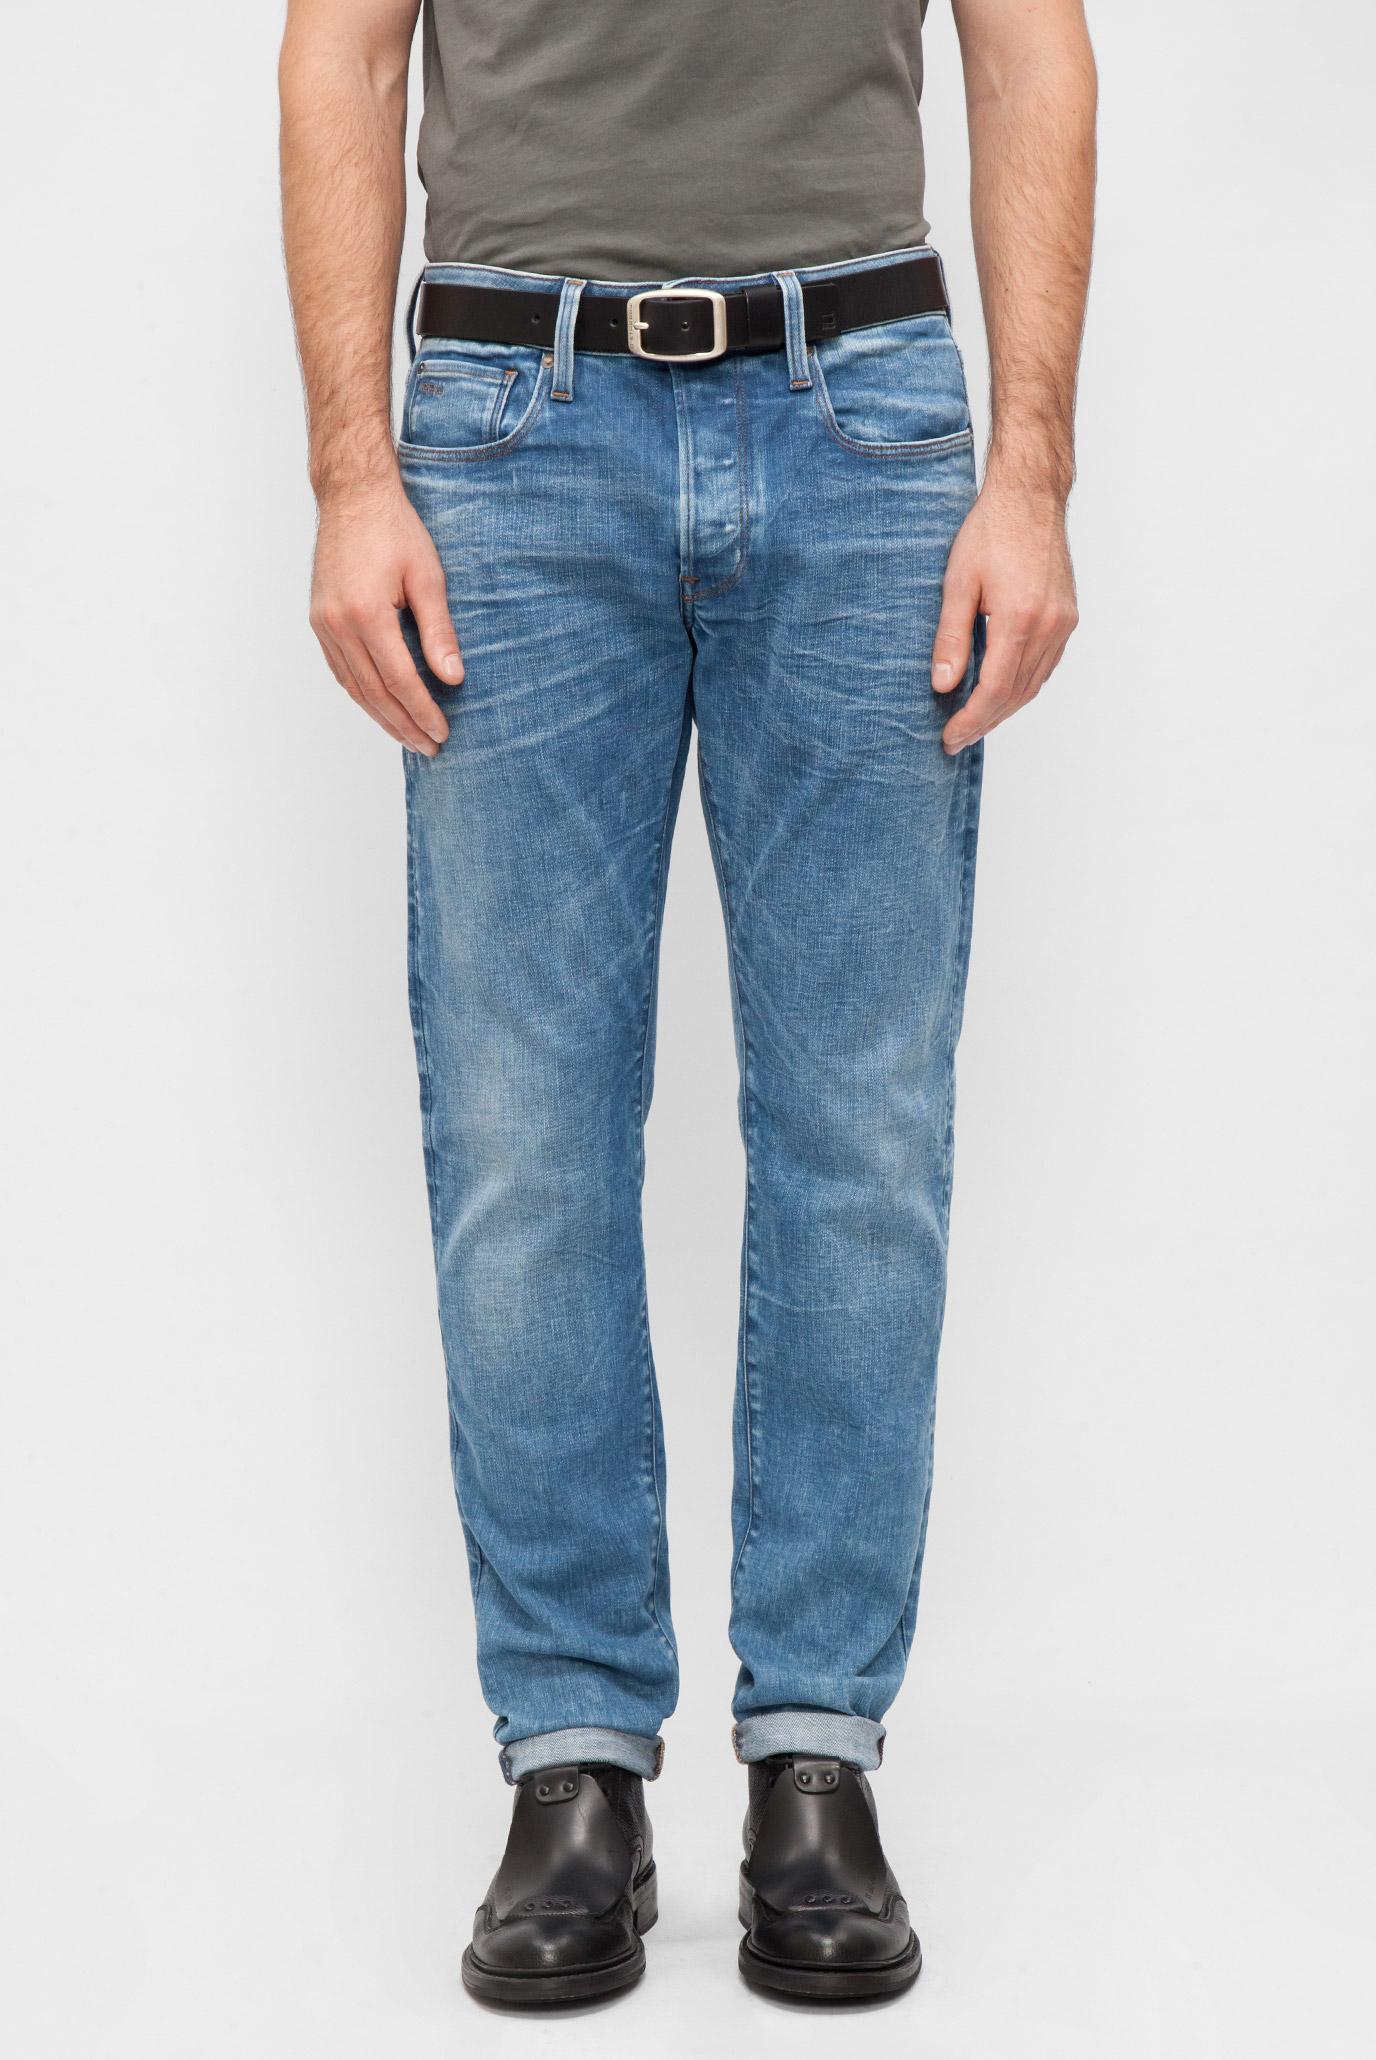 Купить Мужские синие джинсы Slim G-Star RAW G-Star RAW 51001,9178 – Киев, Украина. Цены в интернет магазине MD Fashion